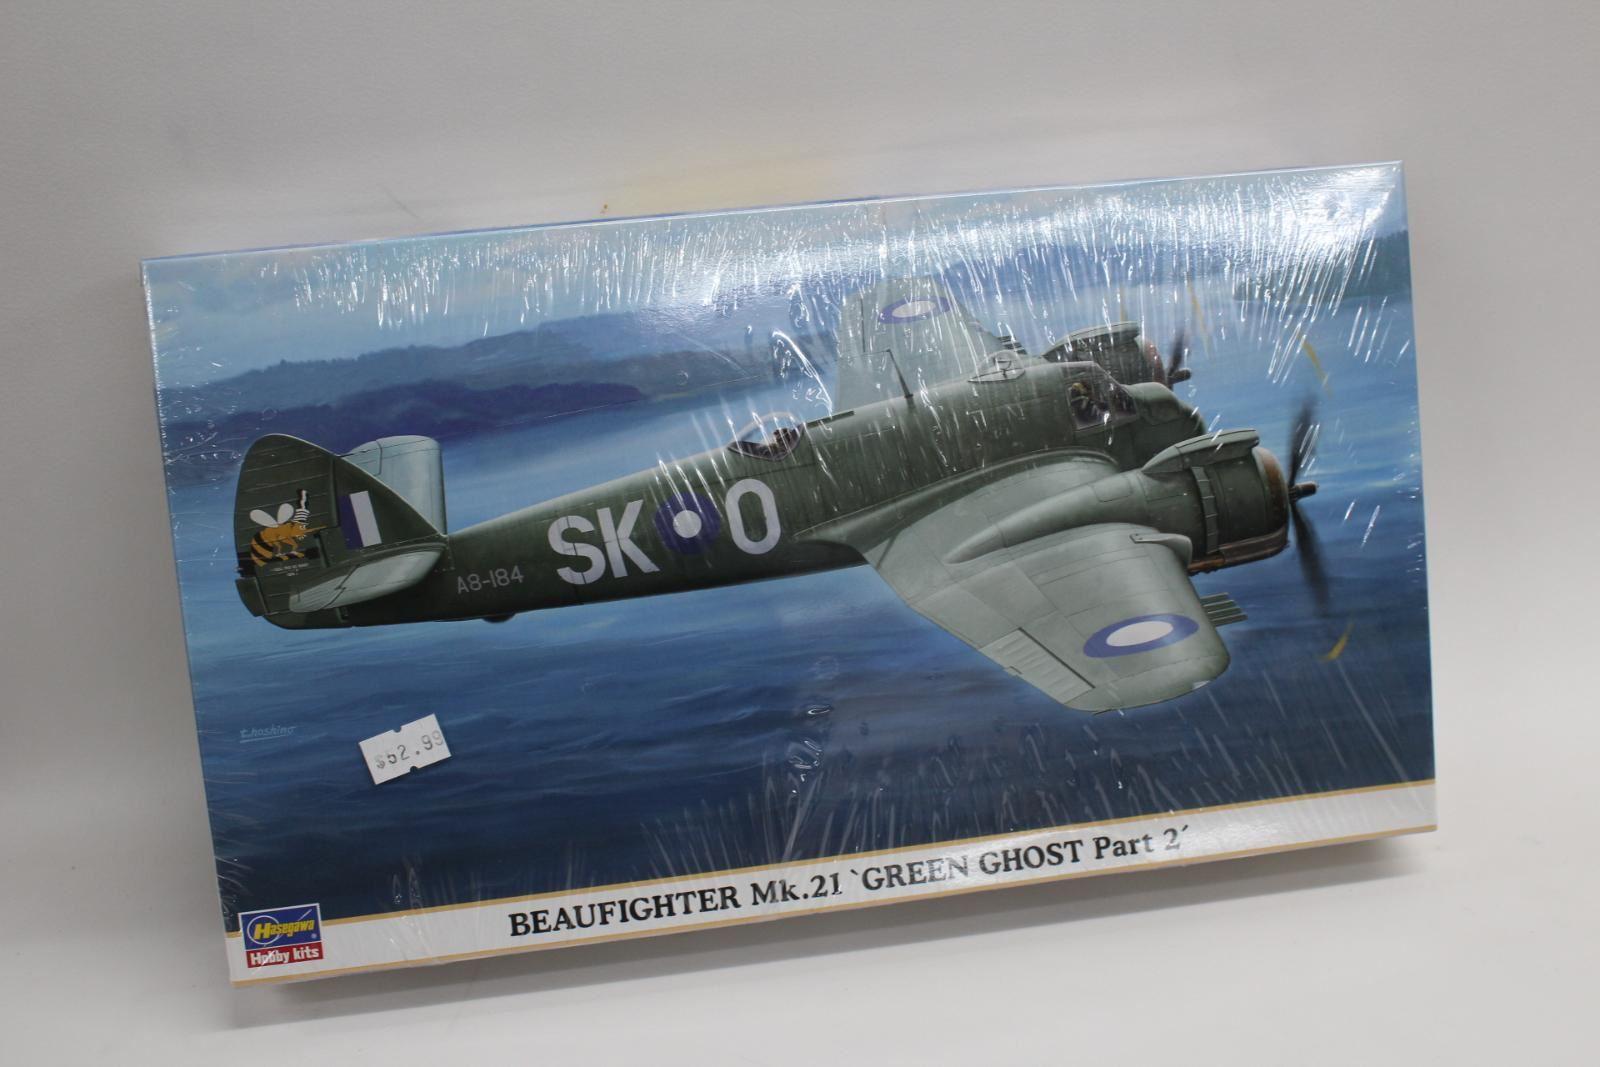 BNIB HASEGAWA Beaufighter Mk.21 'Green Ghost Part 2' 1 72 00943 Hobby Kit